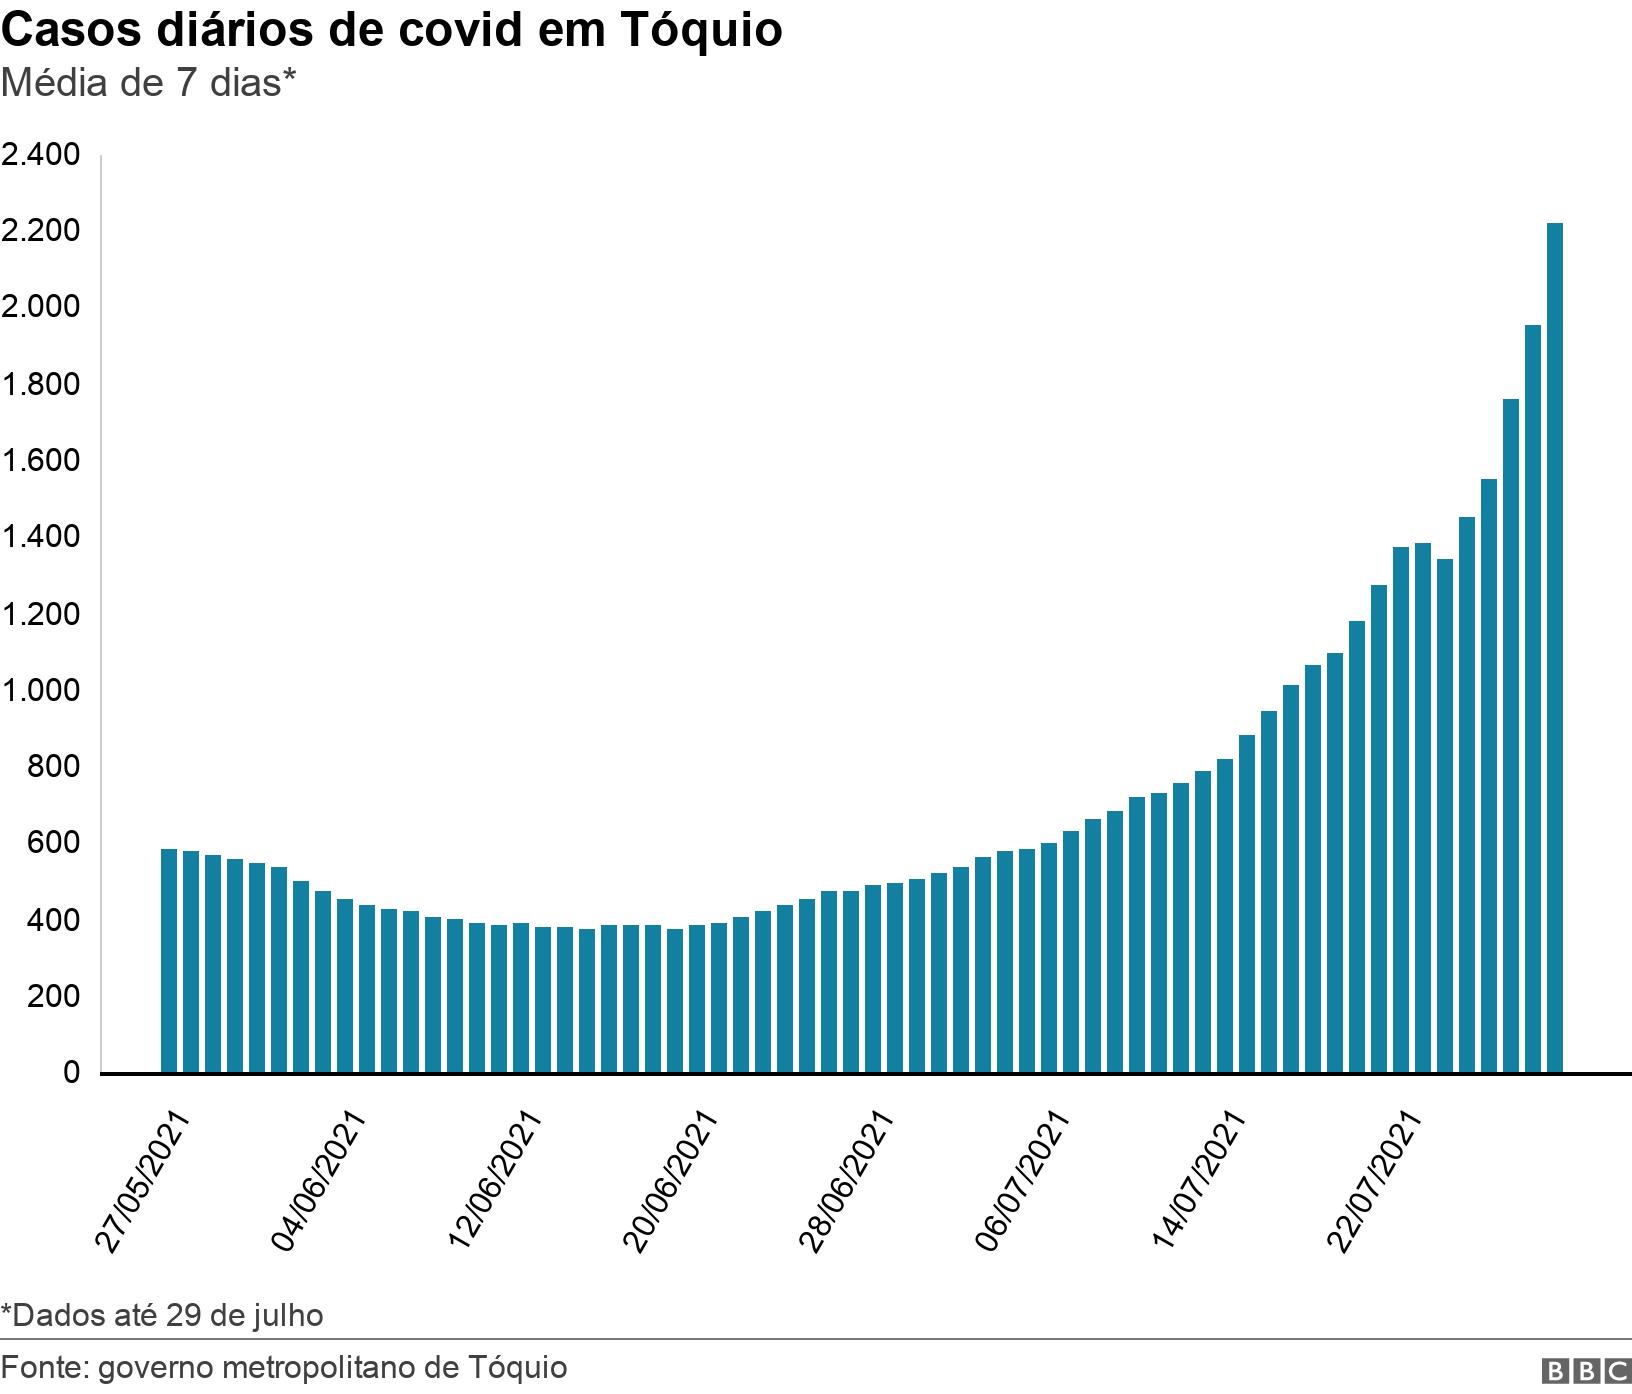 Casos diários de covid em Tóquio. Média de 7 dias*.  *Dados até 29 de julho.